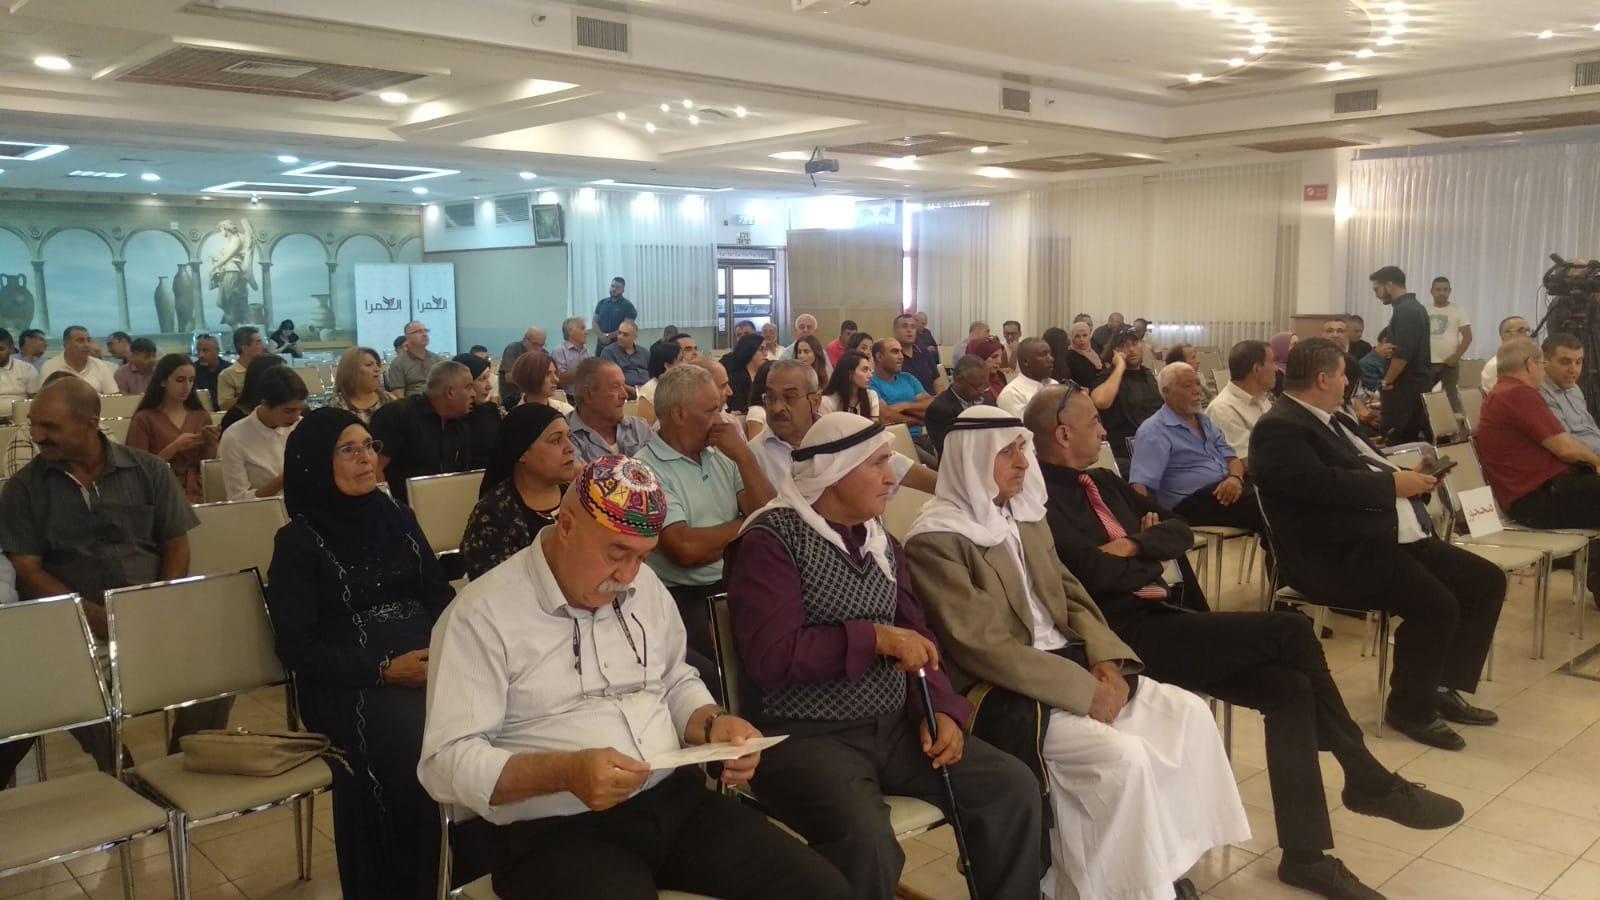 بـ غانم: حزبا الجبهة والعربية للتغيير تعرّضا للانهيار. خازم يترأس الحزب الجديد